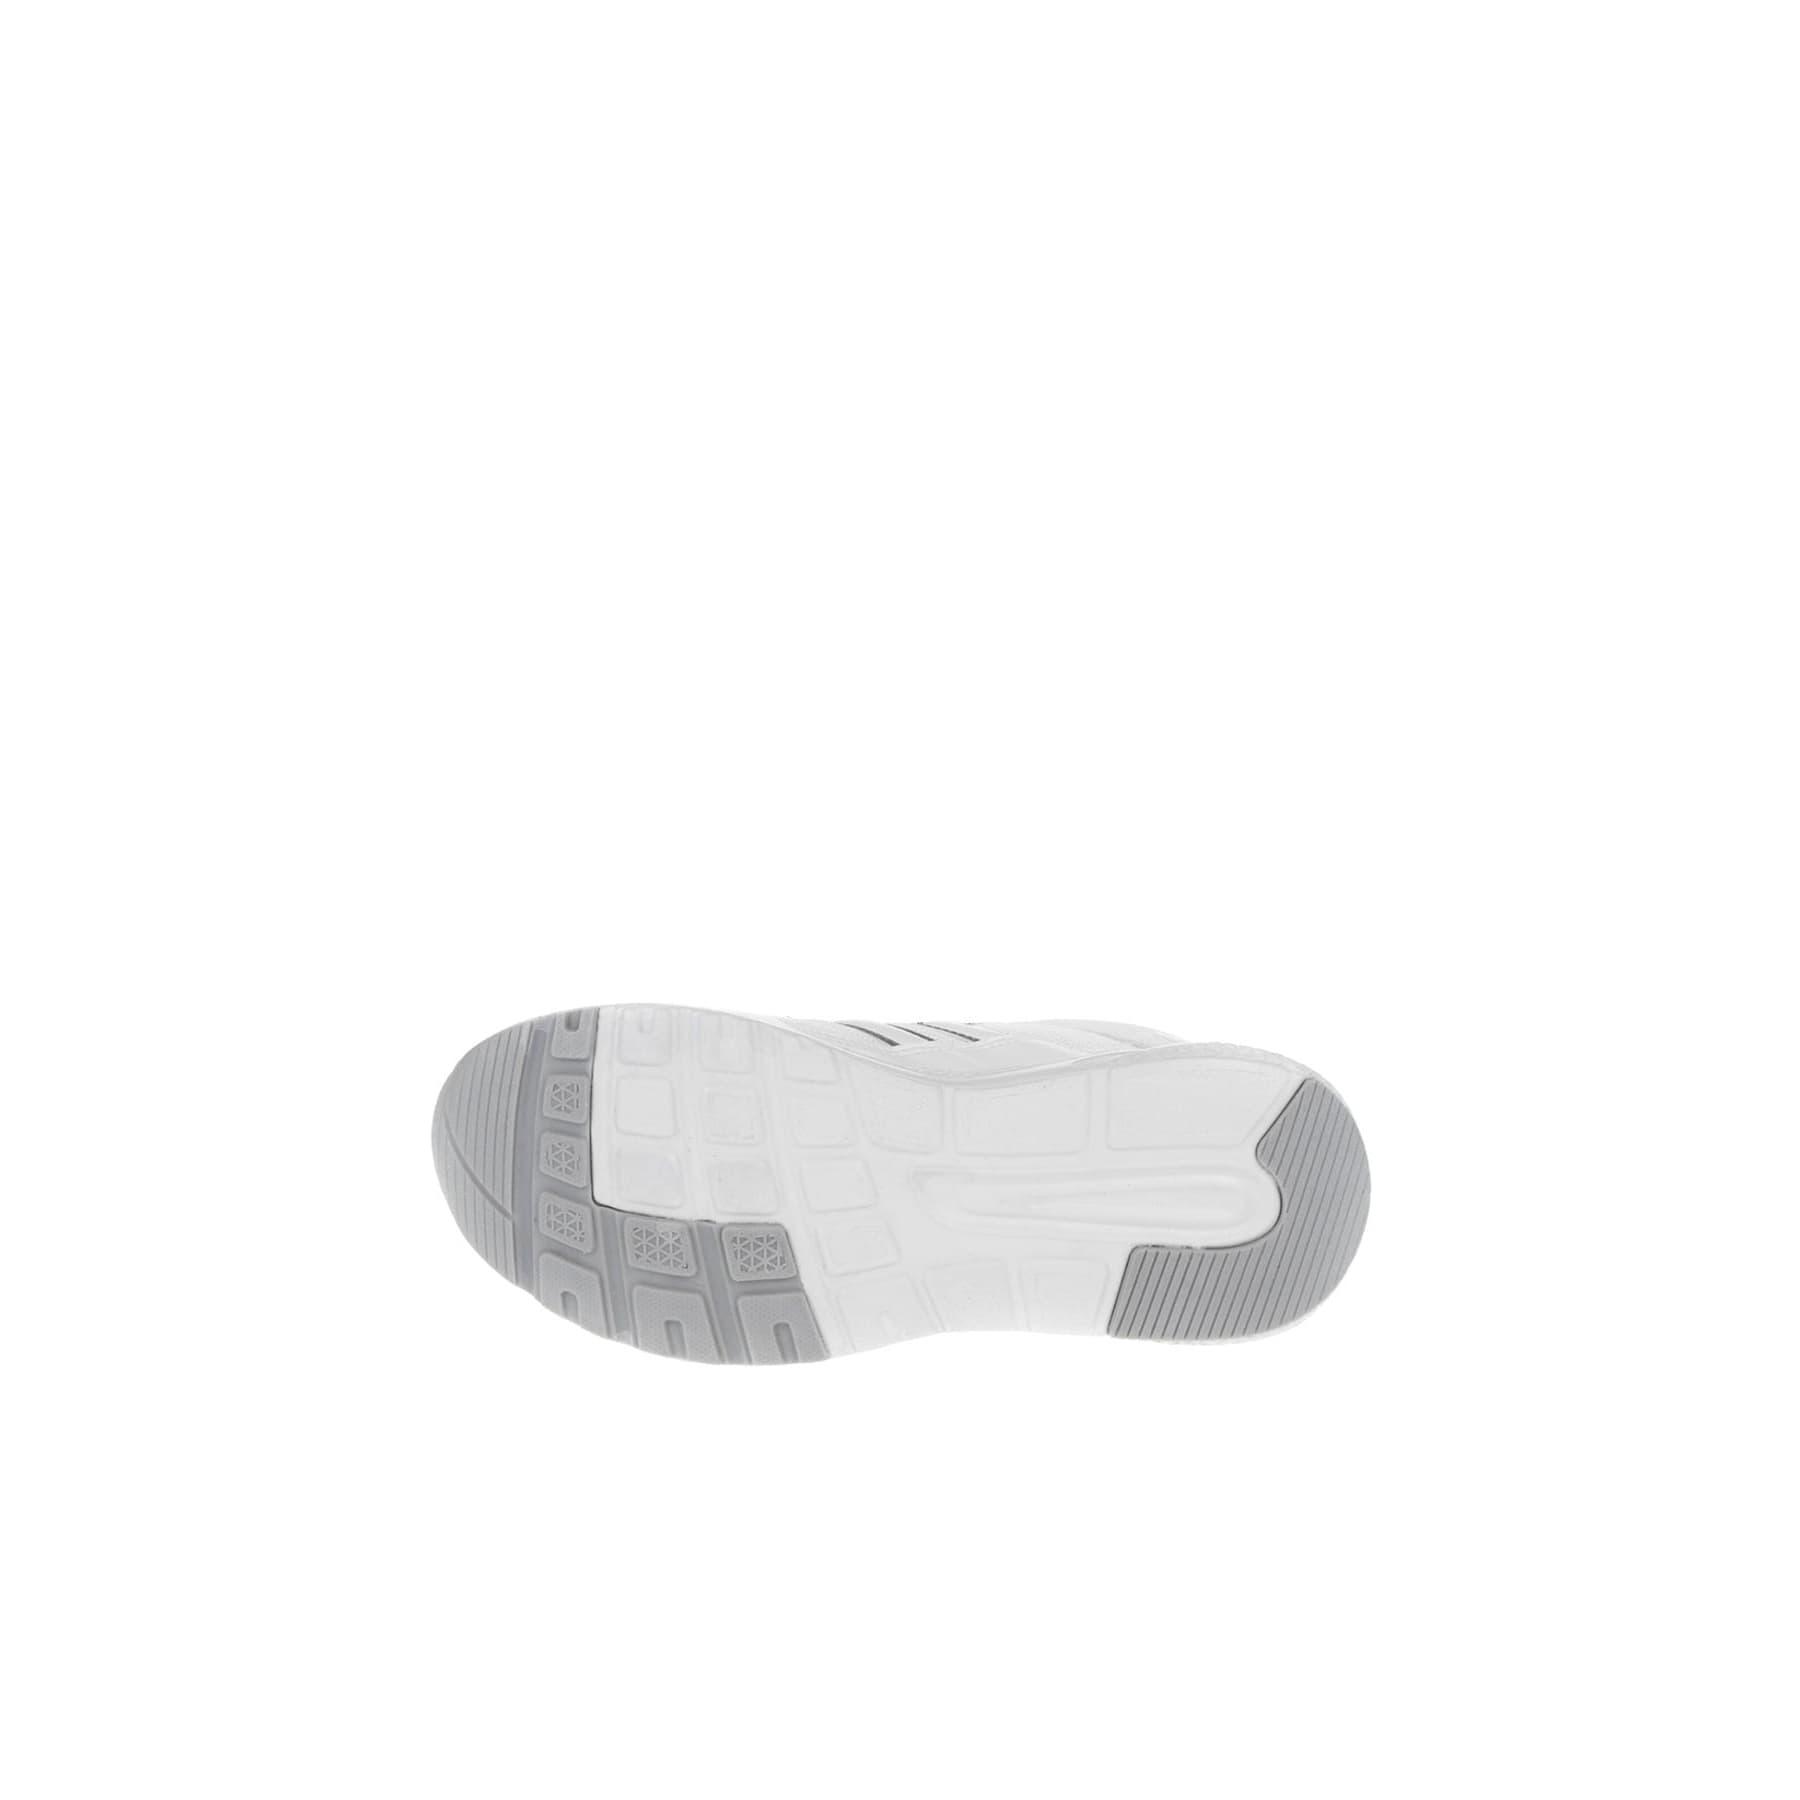 Dynamo Kadın Beyaz Spor Ayakkabı (207893-9001)